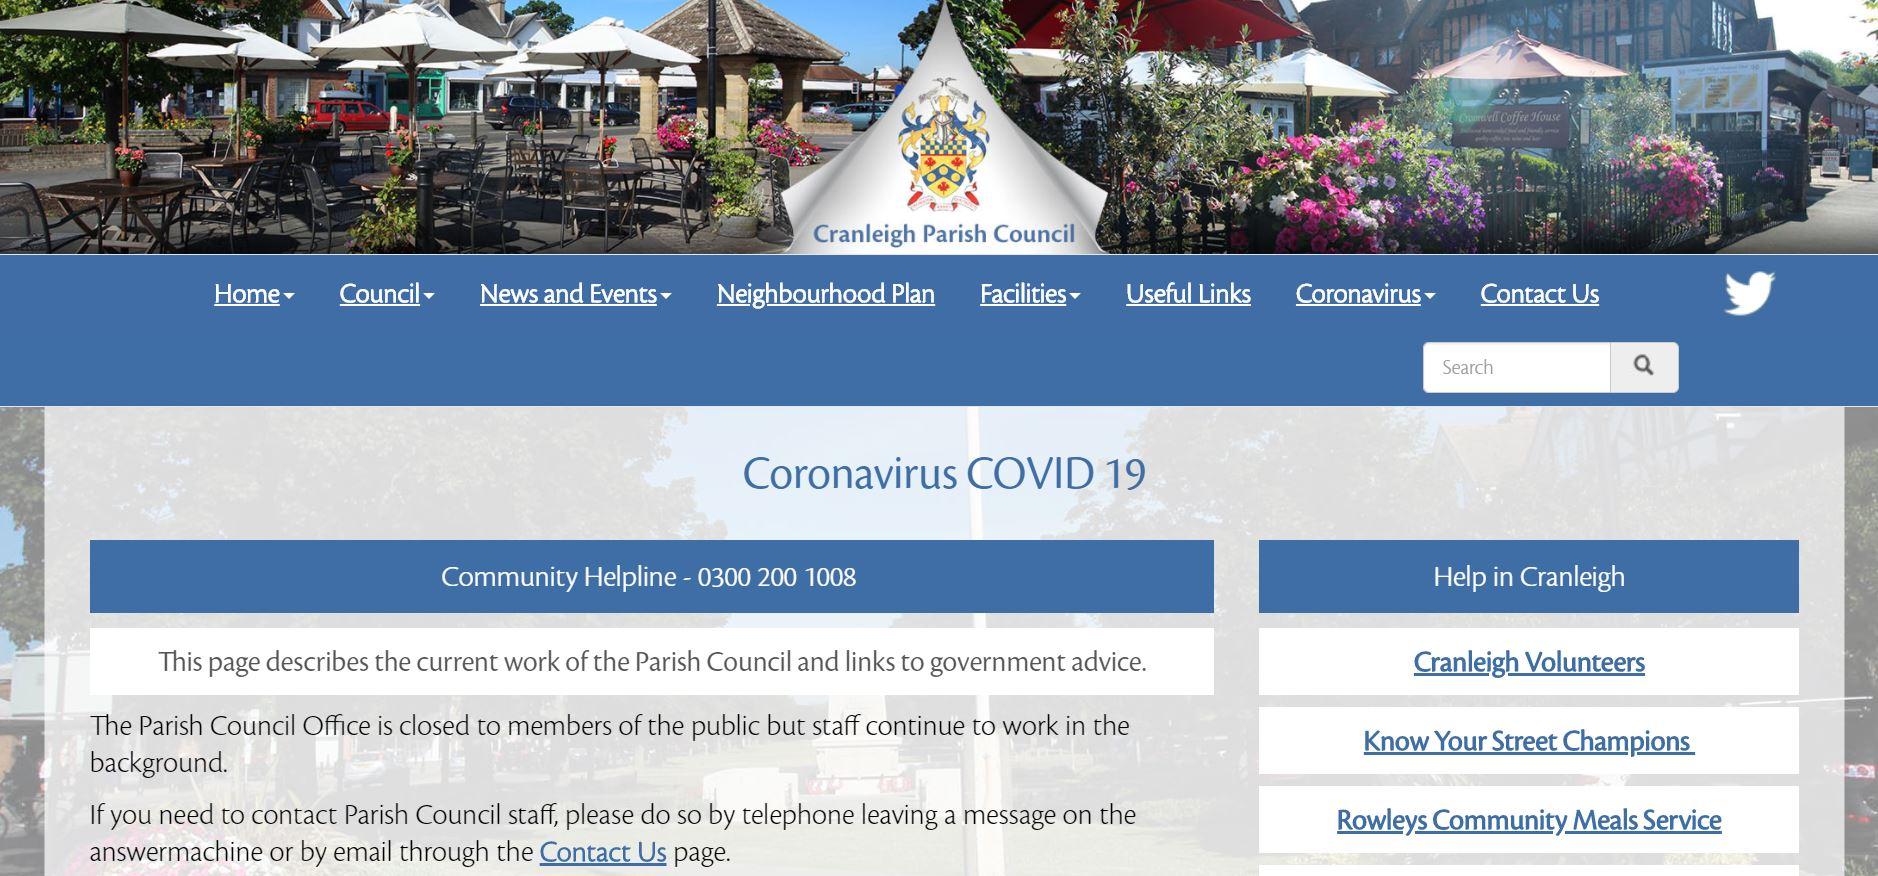 Cranleigh Parish Council